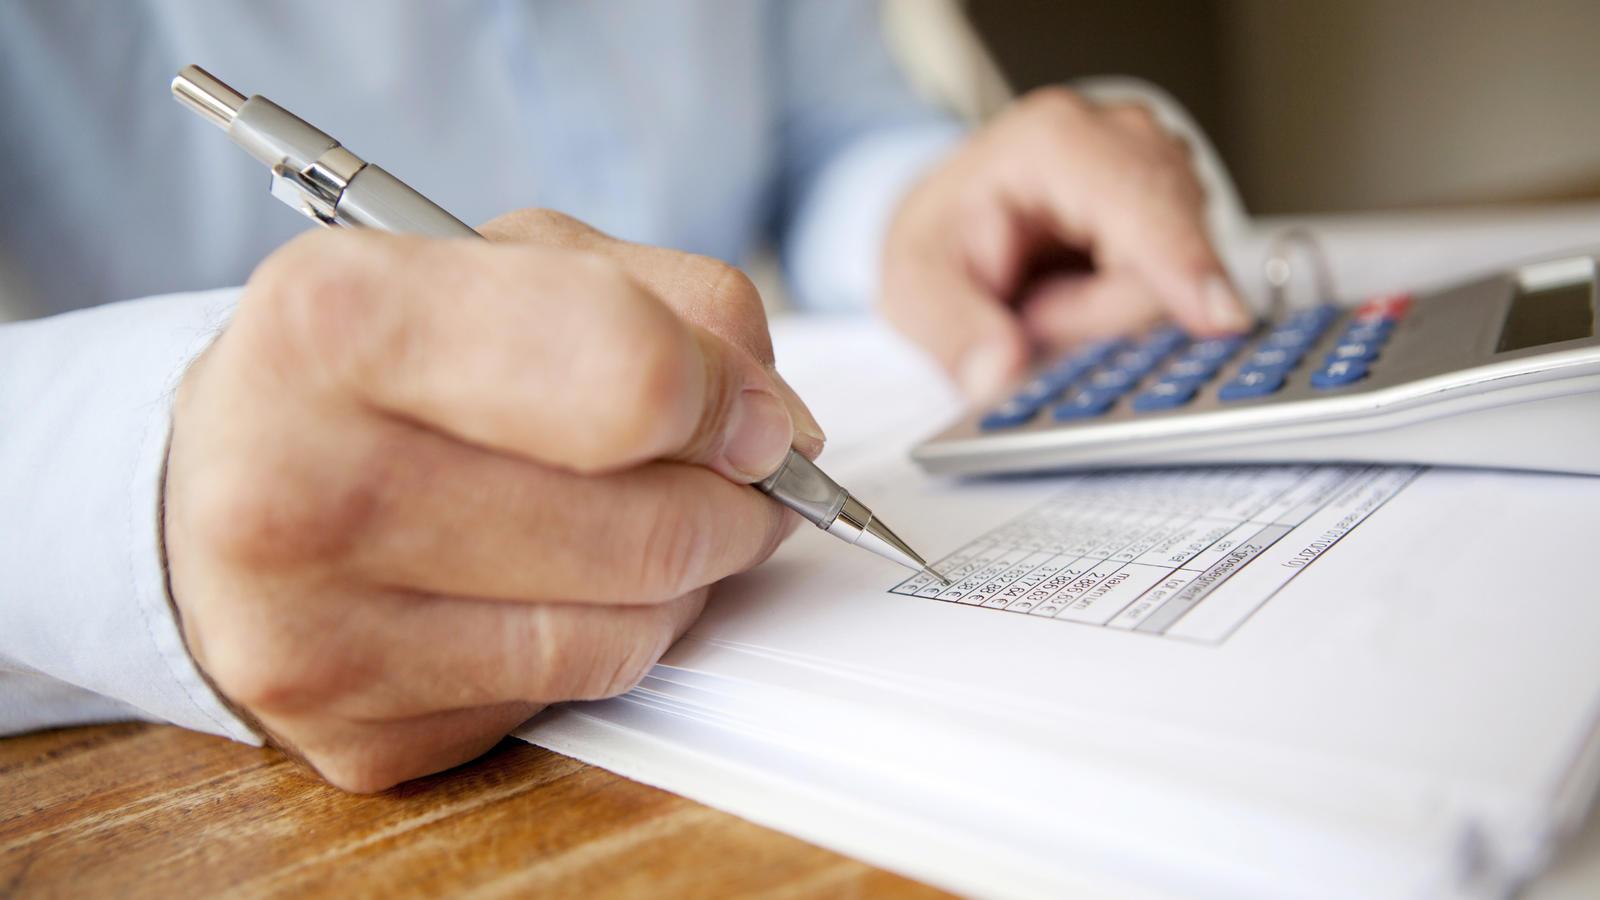 Haben Sie unrechtmäßige Kontogebühren gezahlt? Holen Sie sich Ihr Geld zurück!